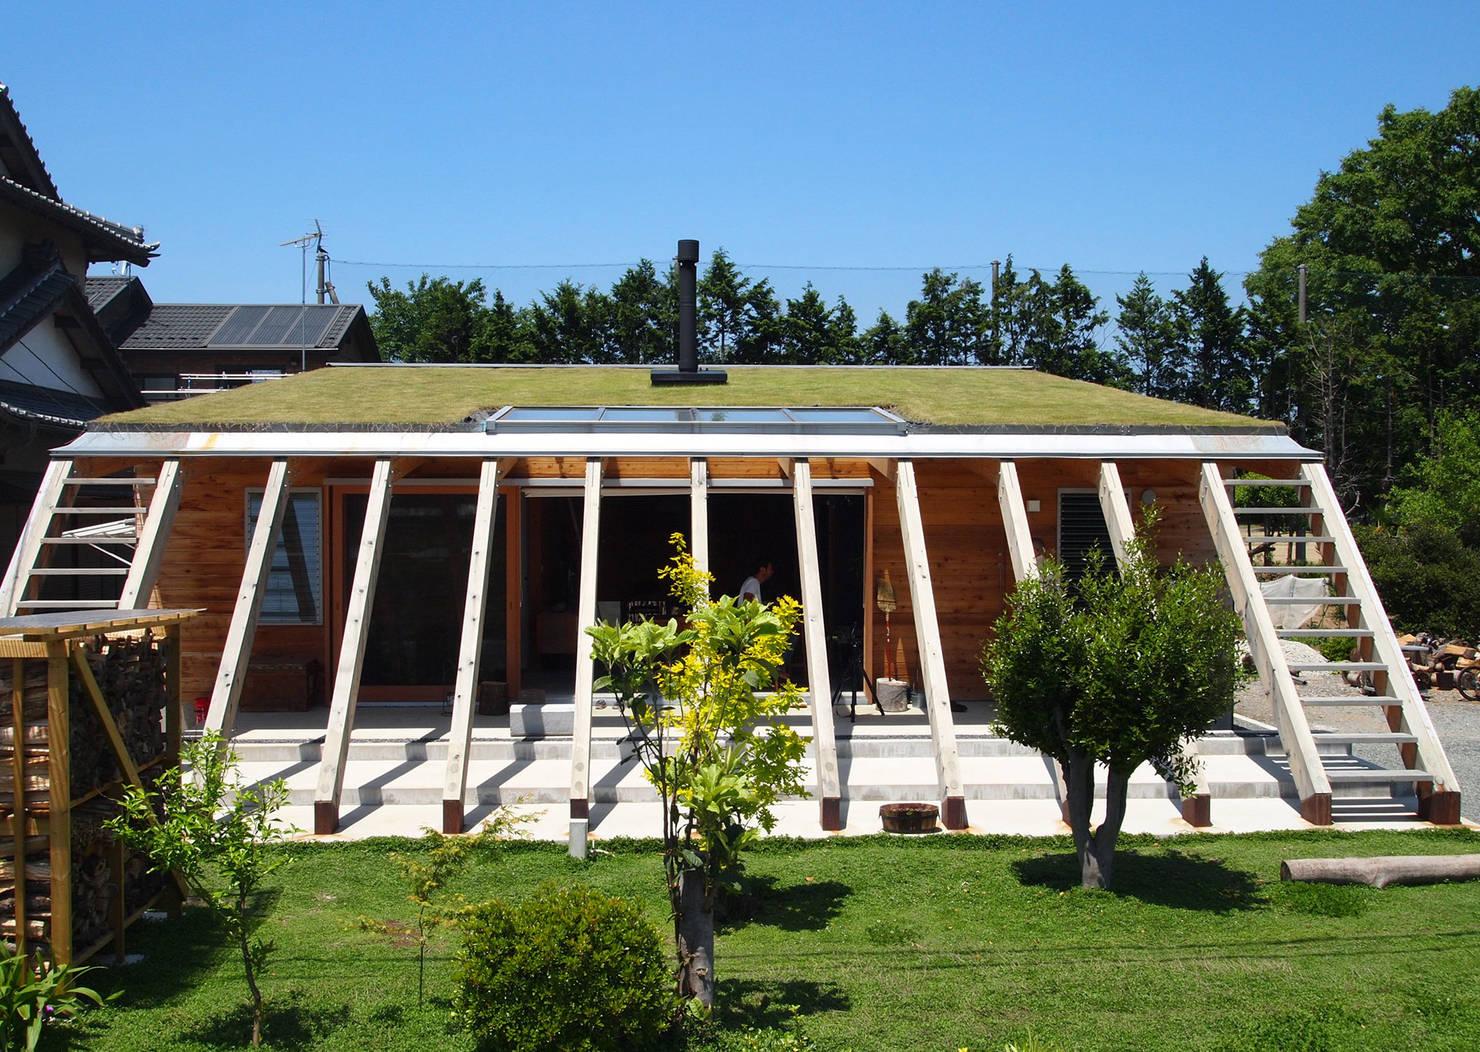 지붕 위의 정원 - 일본의 매트 하우스